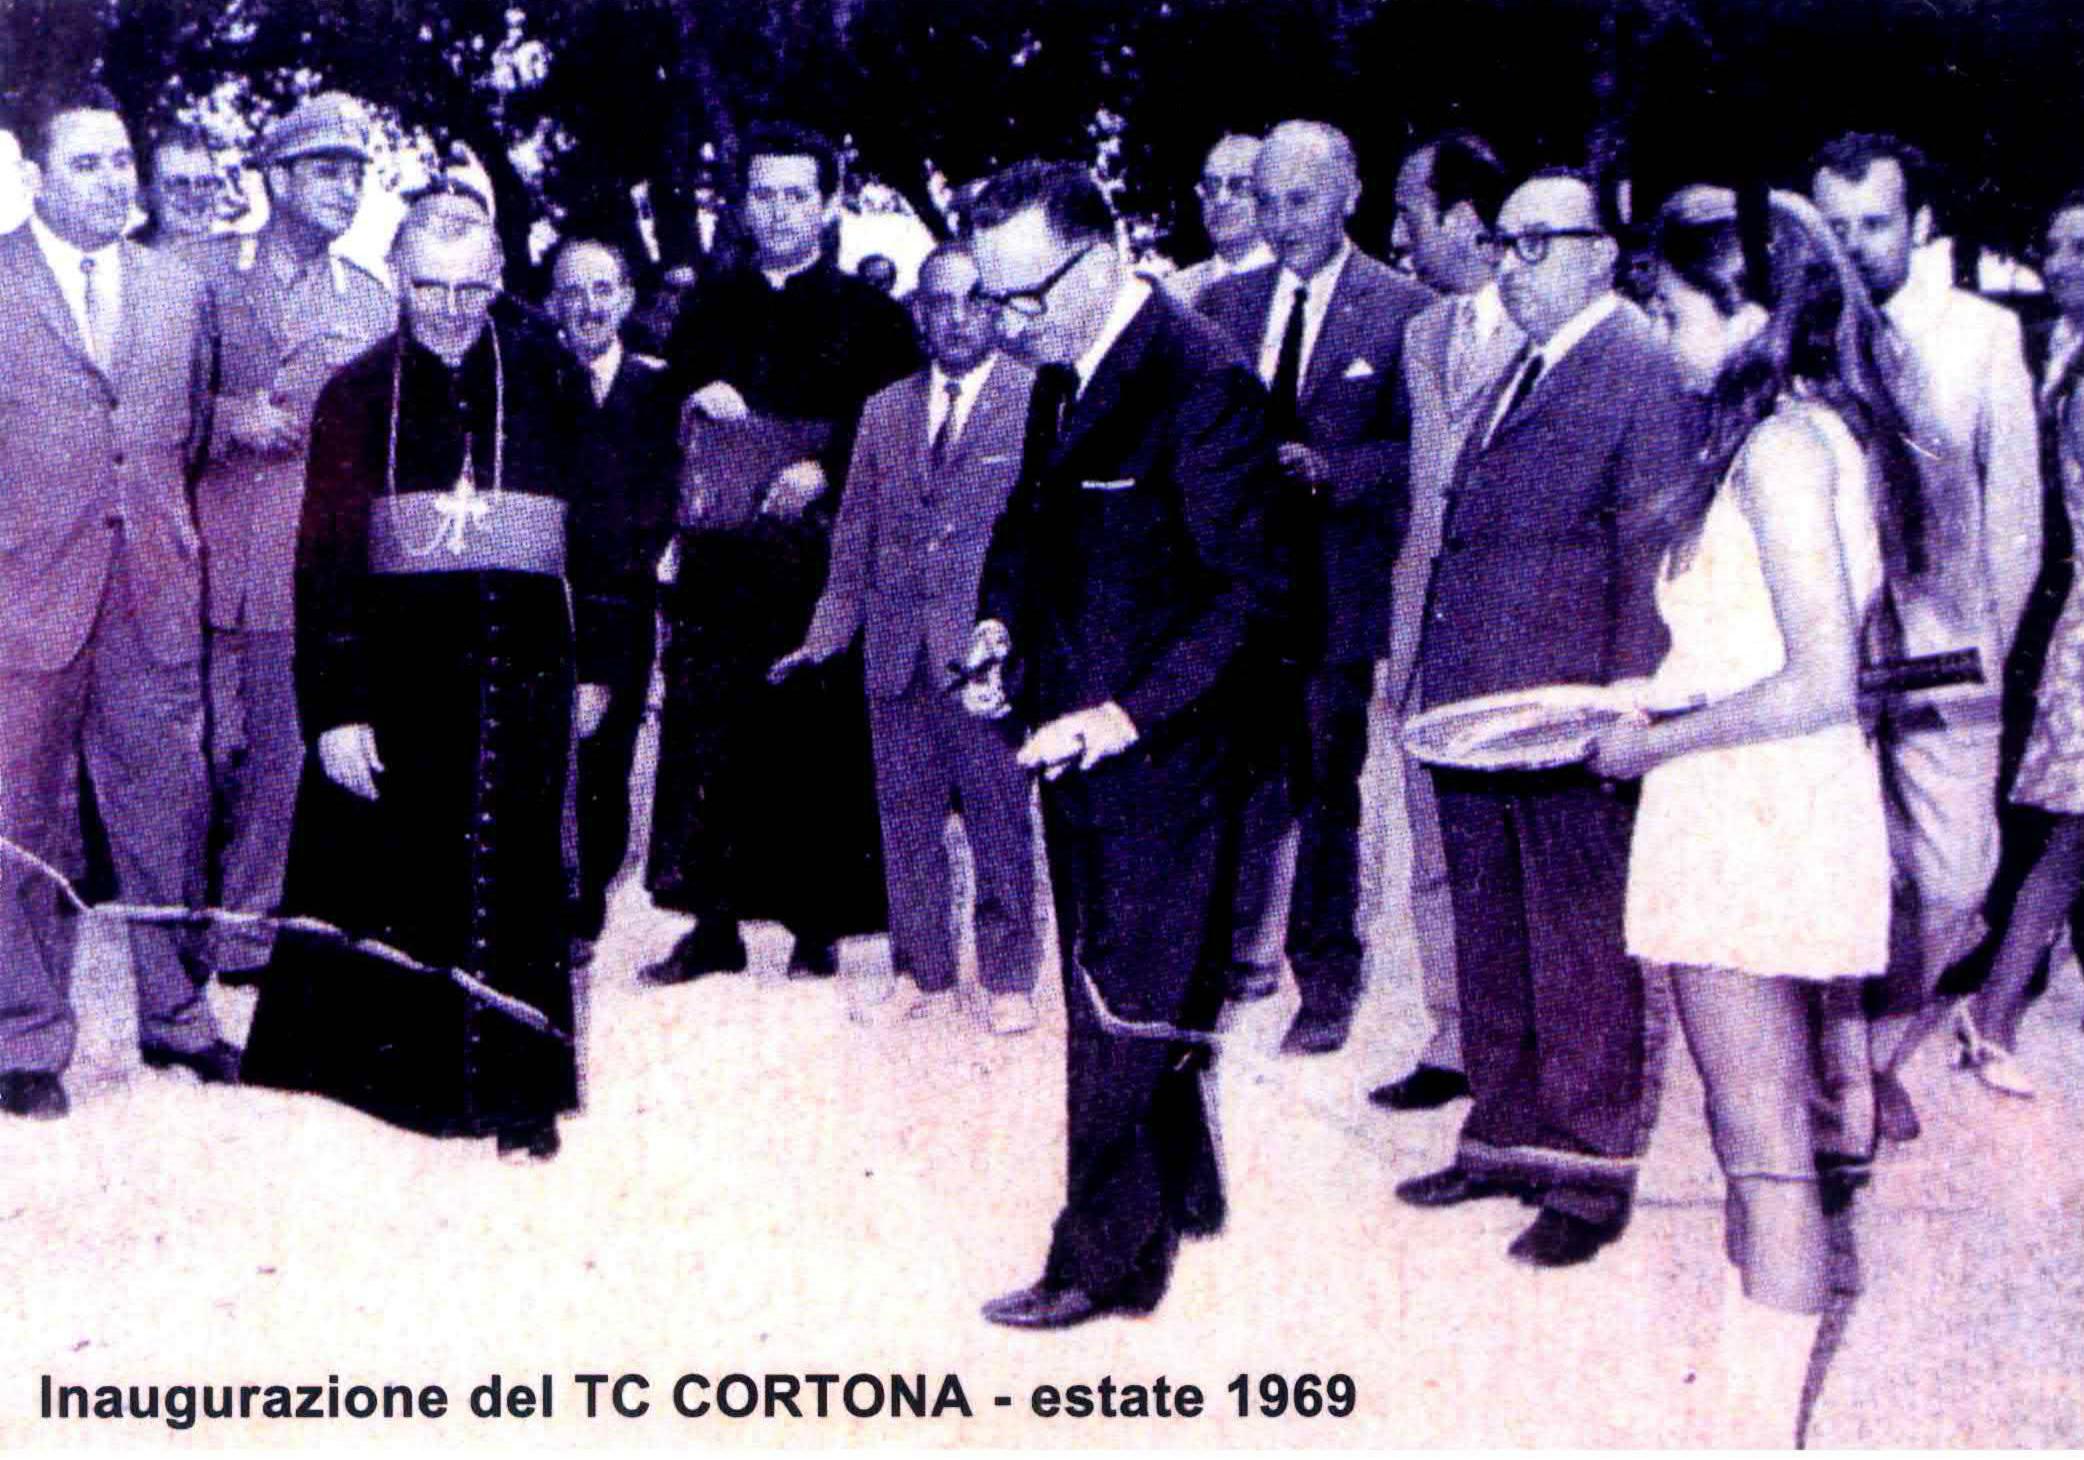 C'era una volta il Tennis Club Cortona...